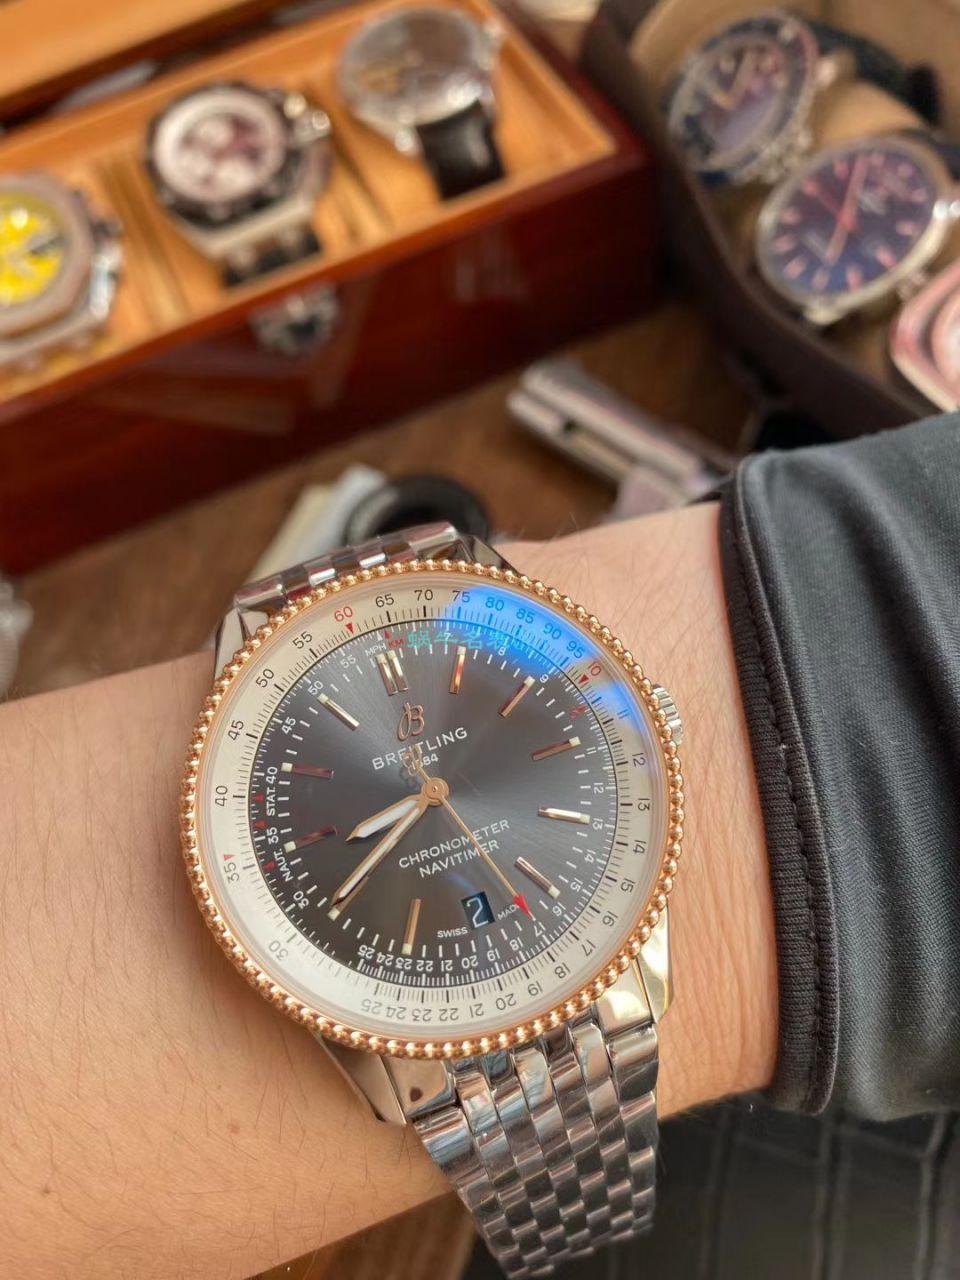 百年灵复刻手表最好的一款【视频评测】顶级复刻百年灵手表 / BLfuke